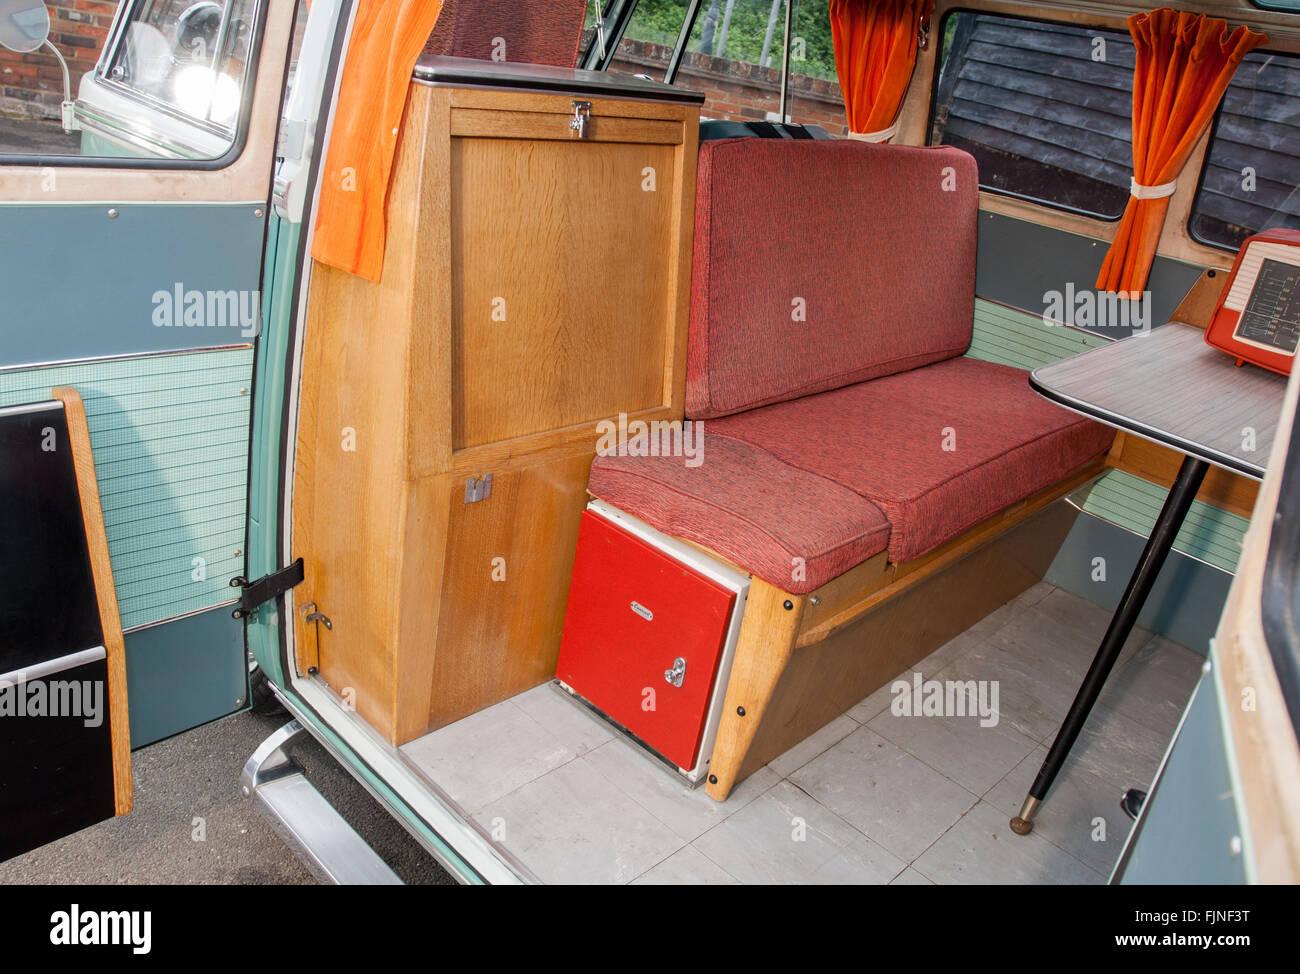 VW Split Screen Camper van Interieur Stockfoto, Bild: 97588508 - Alamy